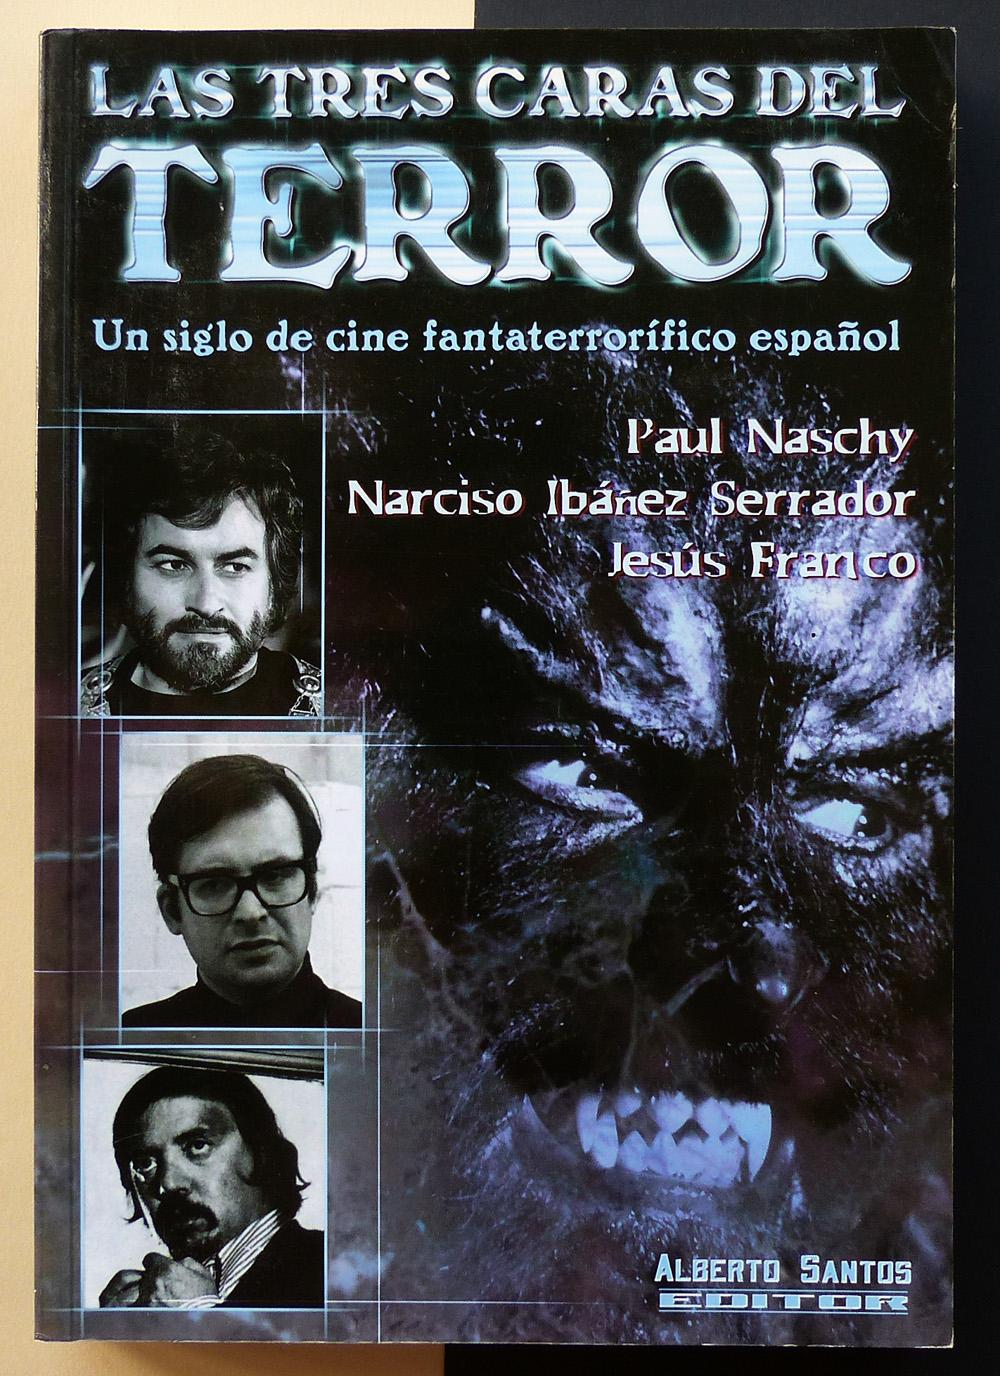 Las tres caras del terror. Un siglo de cine fantaterrorífico español. Paul Naschy, Narciso Ibáñez Serrador y Jesús Franco. - VV.AA.